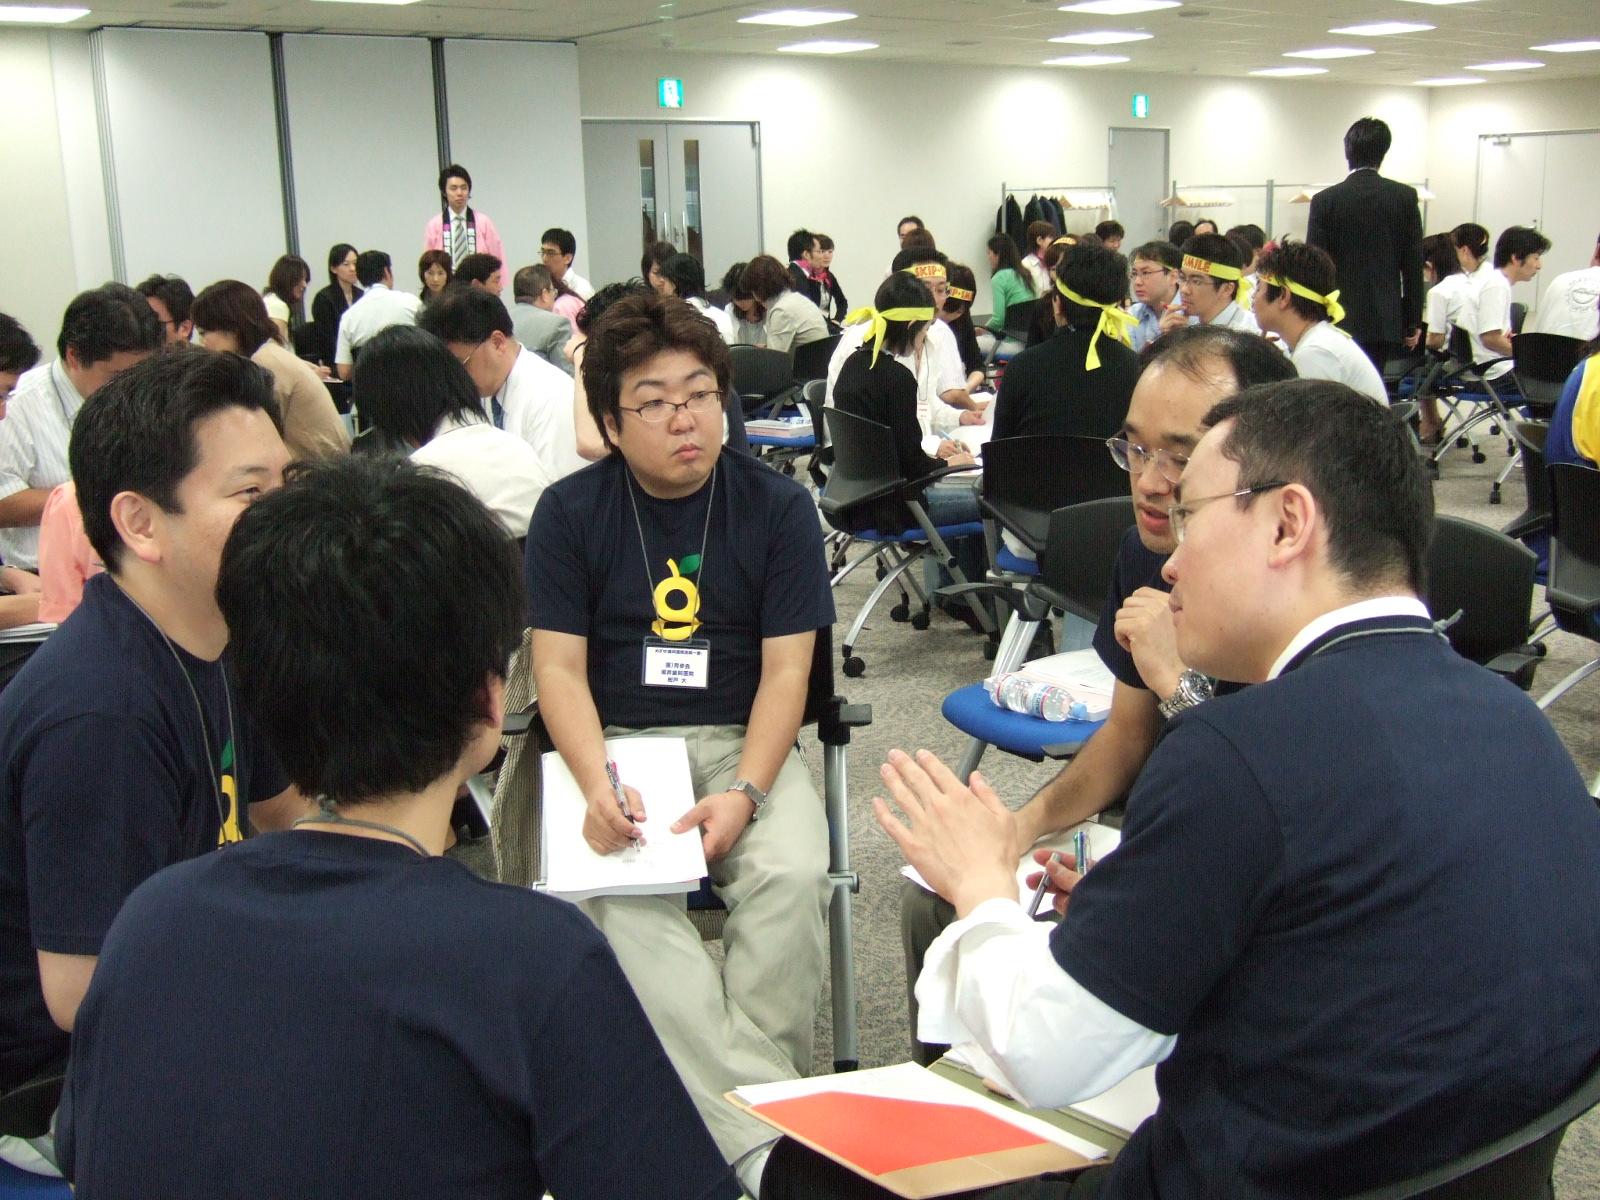 参加者同士が真剣に議論しあうことで、本当の刺激が生まれます。そして、その積み重ねには絆が生まれるのです。